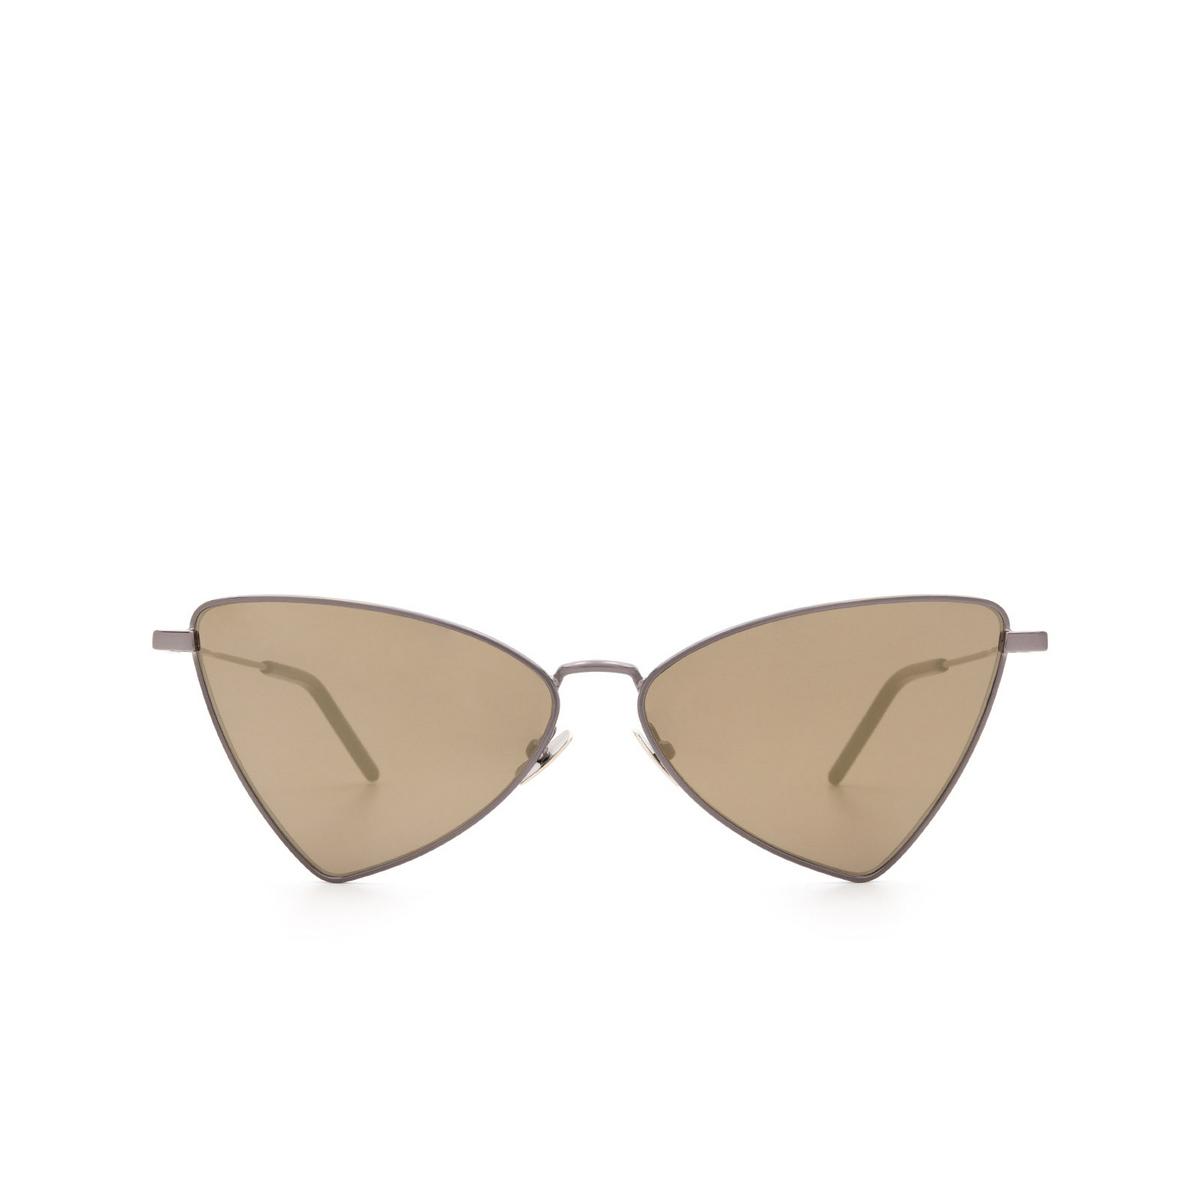 Saint Laurent® Irregular Sunglasses: Jerry SL 303 color Ruthenium 008 - front view.